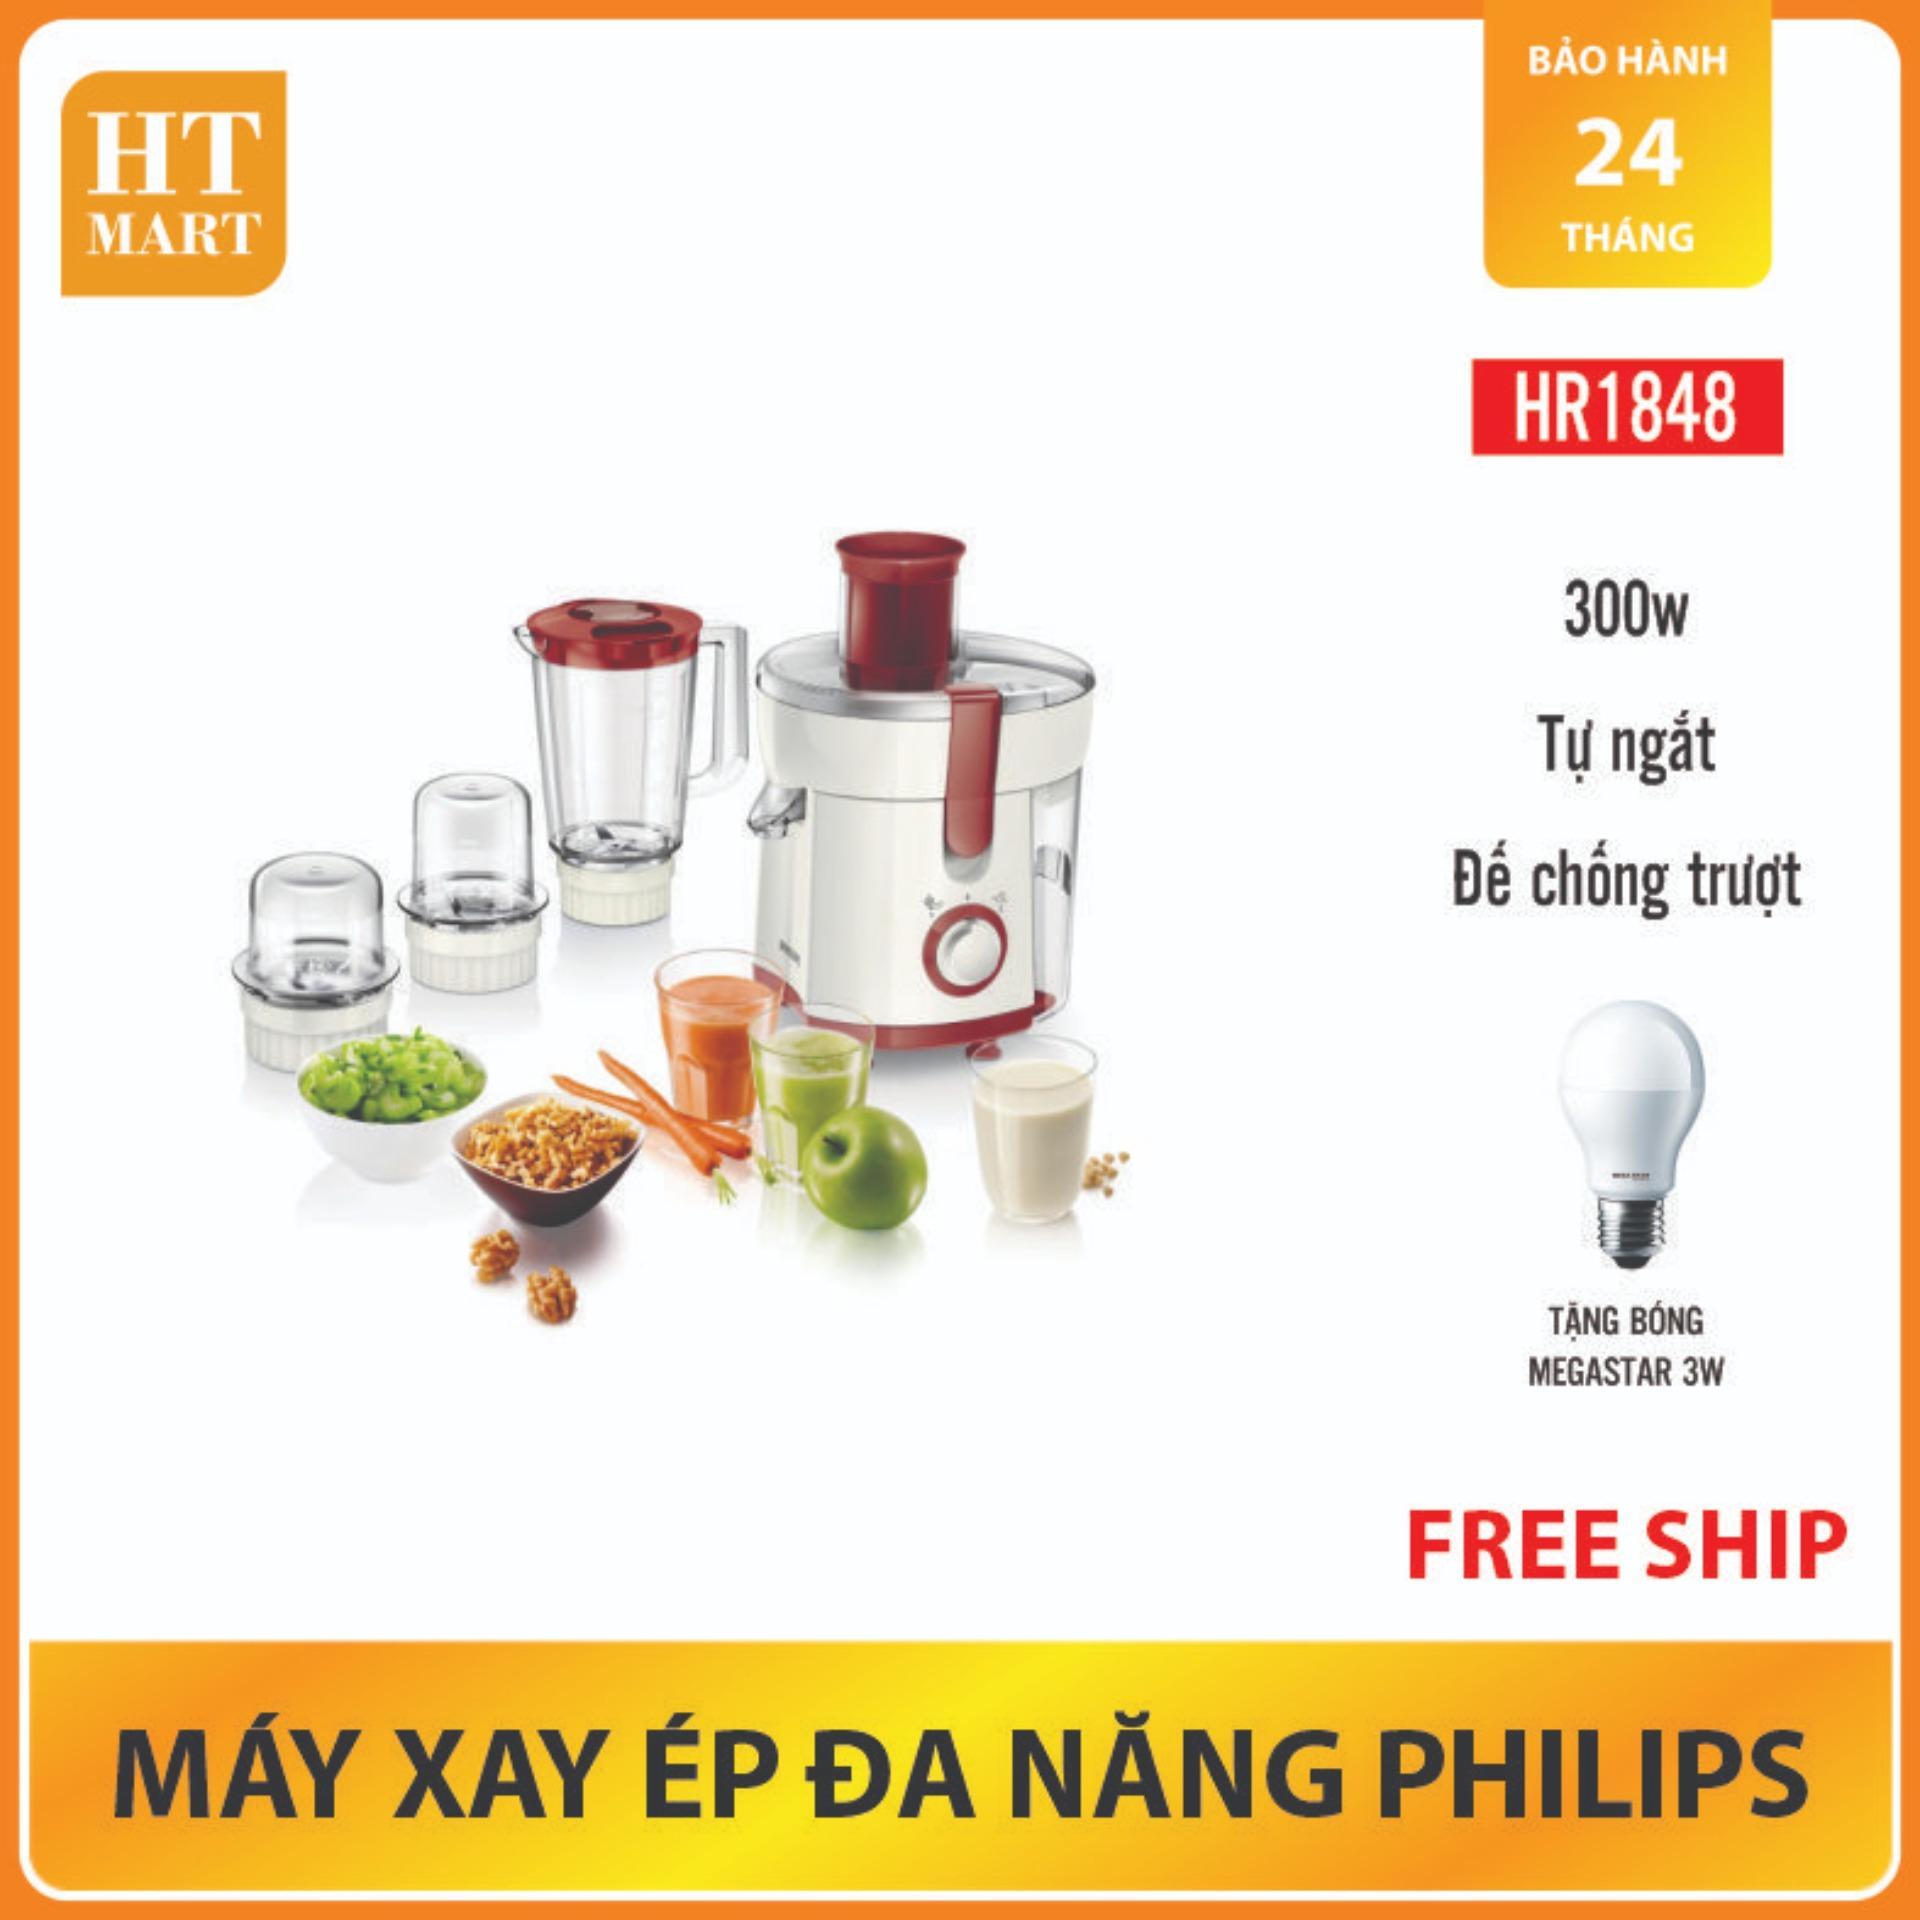 Mã Khuyến Mại Máy Xay ép đa Năng Philips HR1848 - 300W, 3 Cối Xay, 1 Cối ép - Bảo Hành 24 Tháng